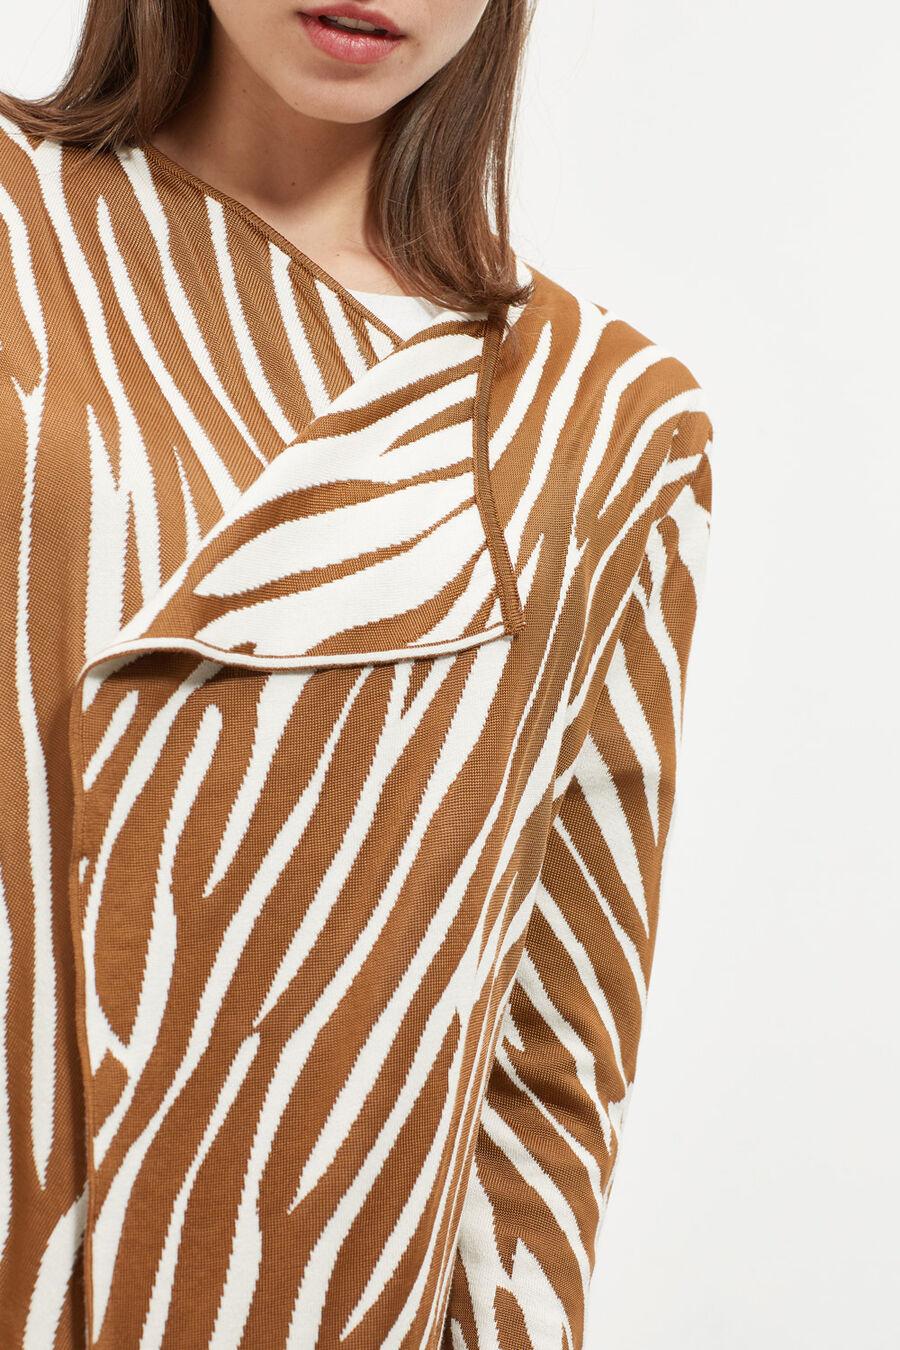 Jacquard print jacket